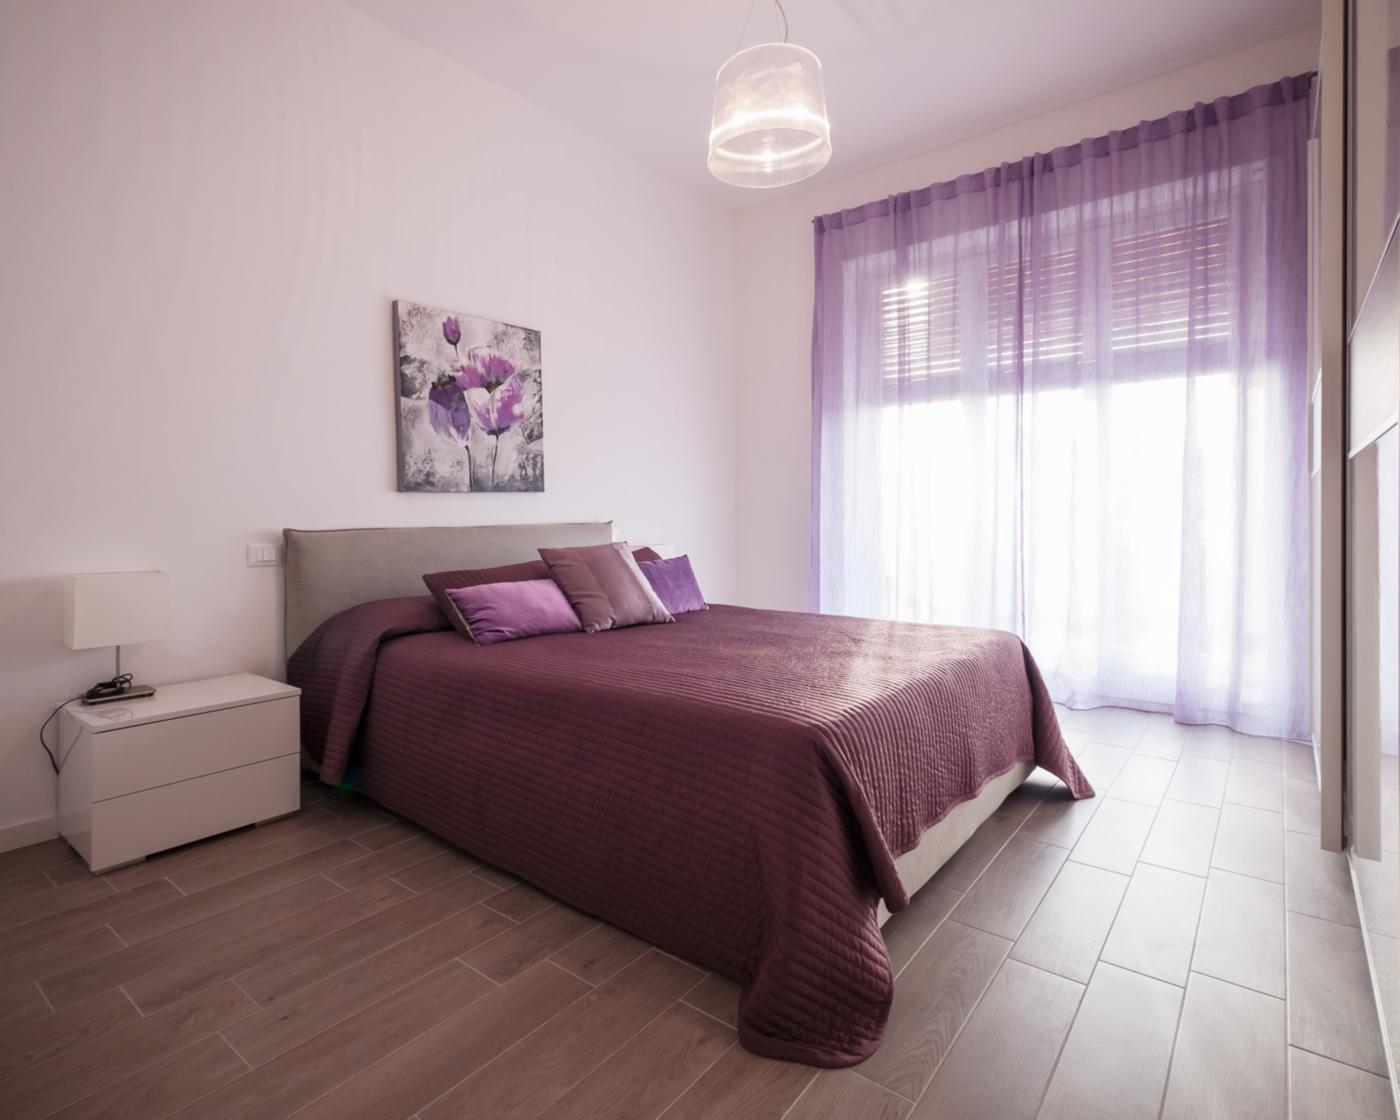 Una ristrutturazione che moltiplica gli spazi in un'appartamento degli anni '70. La camera matrimoniale, in toni caldi e coordinati | Bottega di Architettura